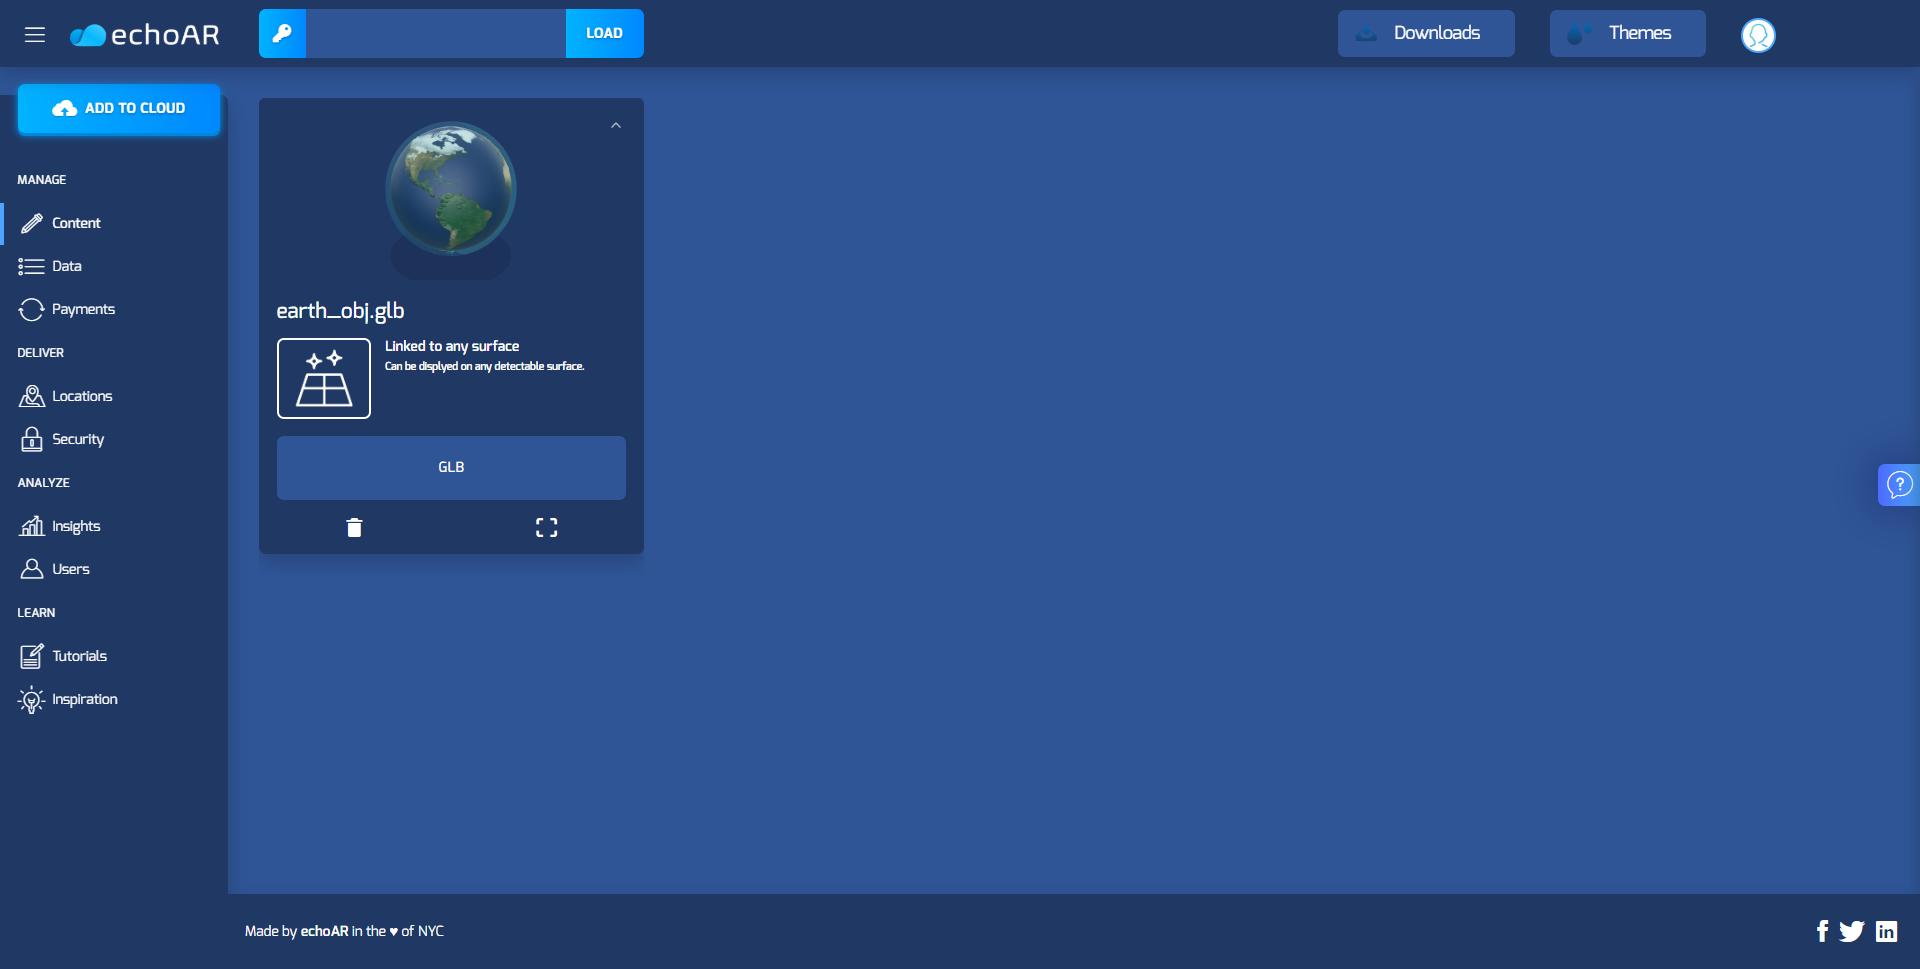 echoAR console screenshot